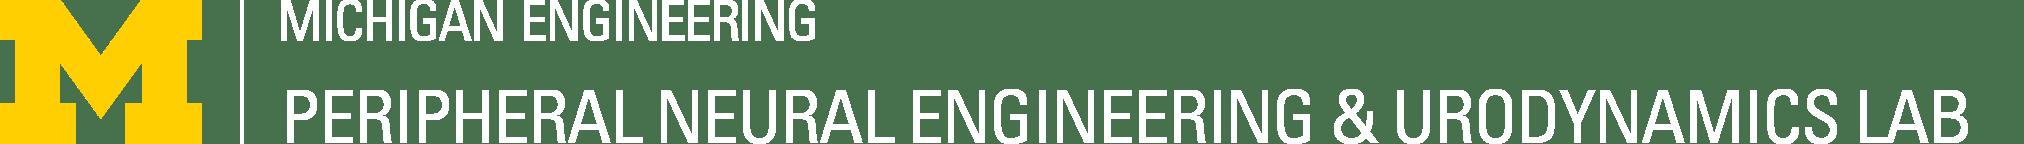 Peripheral Neural Engineering & Urodynamics Lab Logo